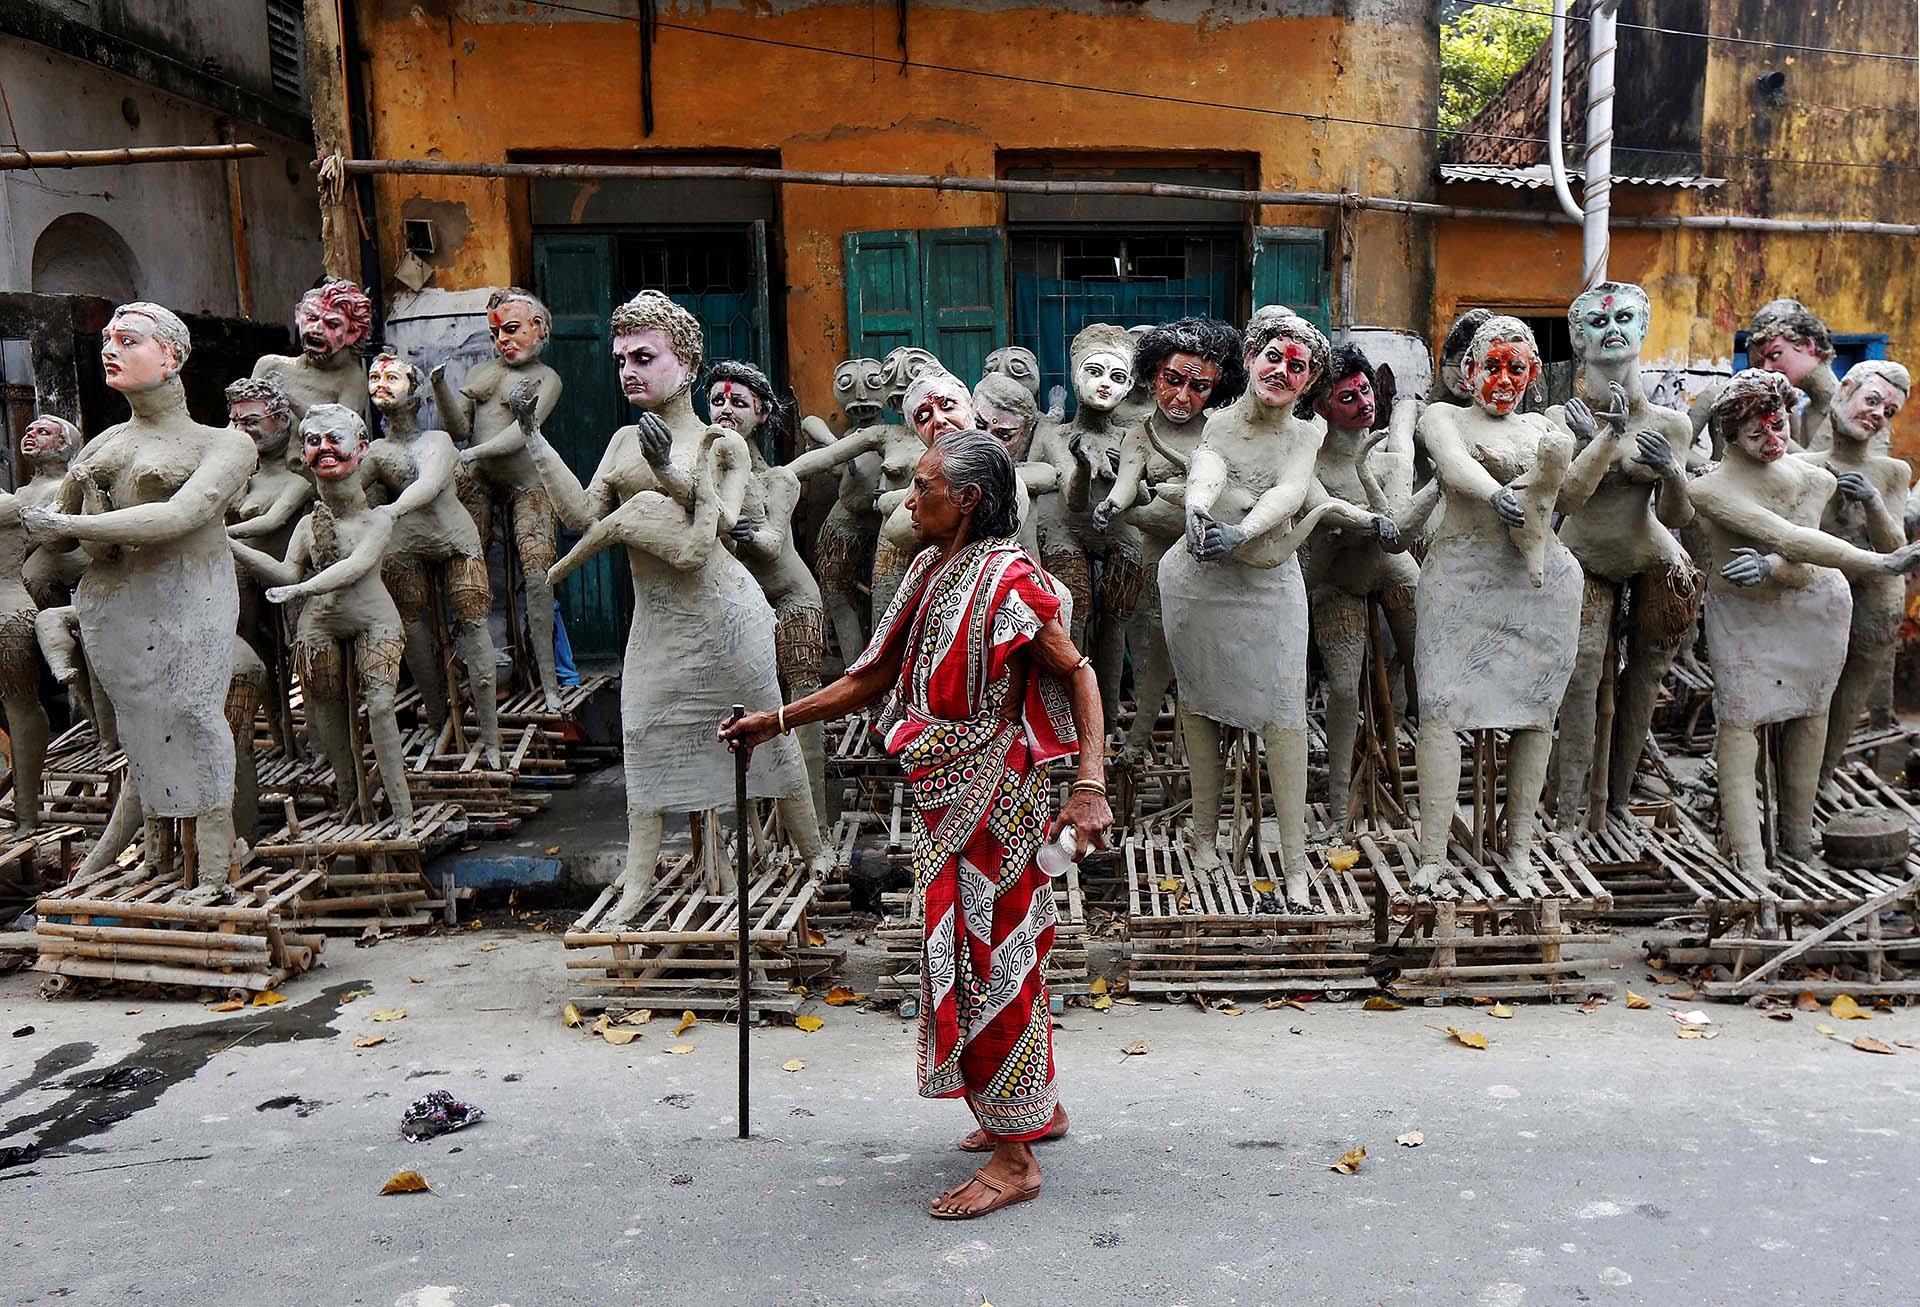 """Una mujer pasa por delante de figuras de arcilla semi-acabados de los personajes mitológicos hindúes """"Dakinis"""" y """"Yoginis"""", que serán adorados junto con la diosa hindú Kali"""